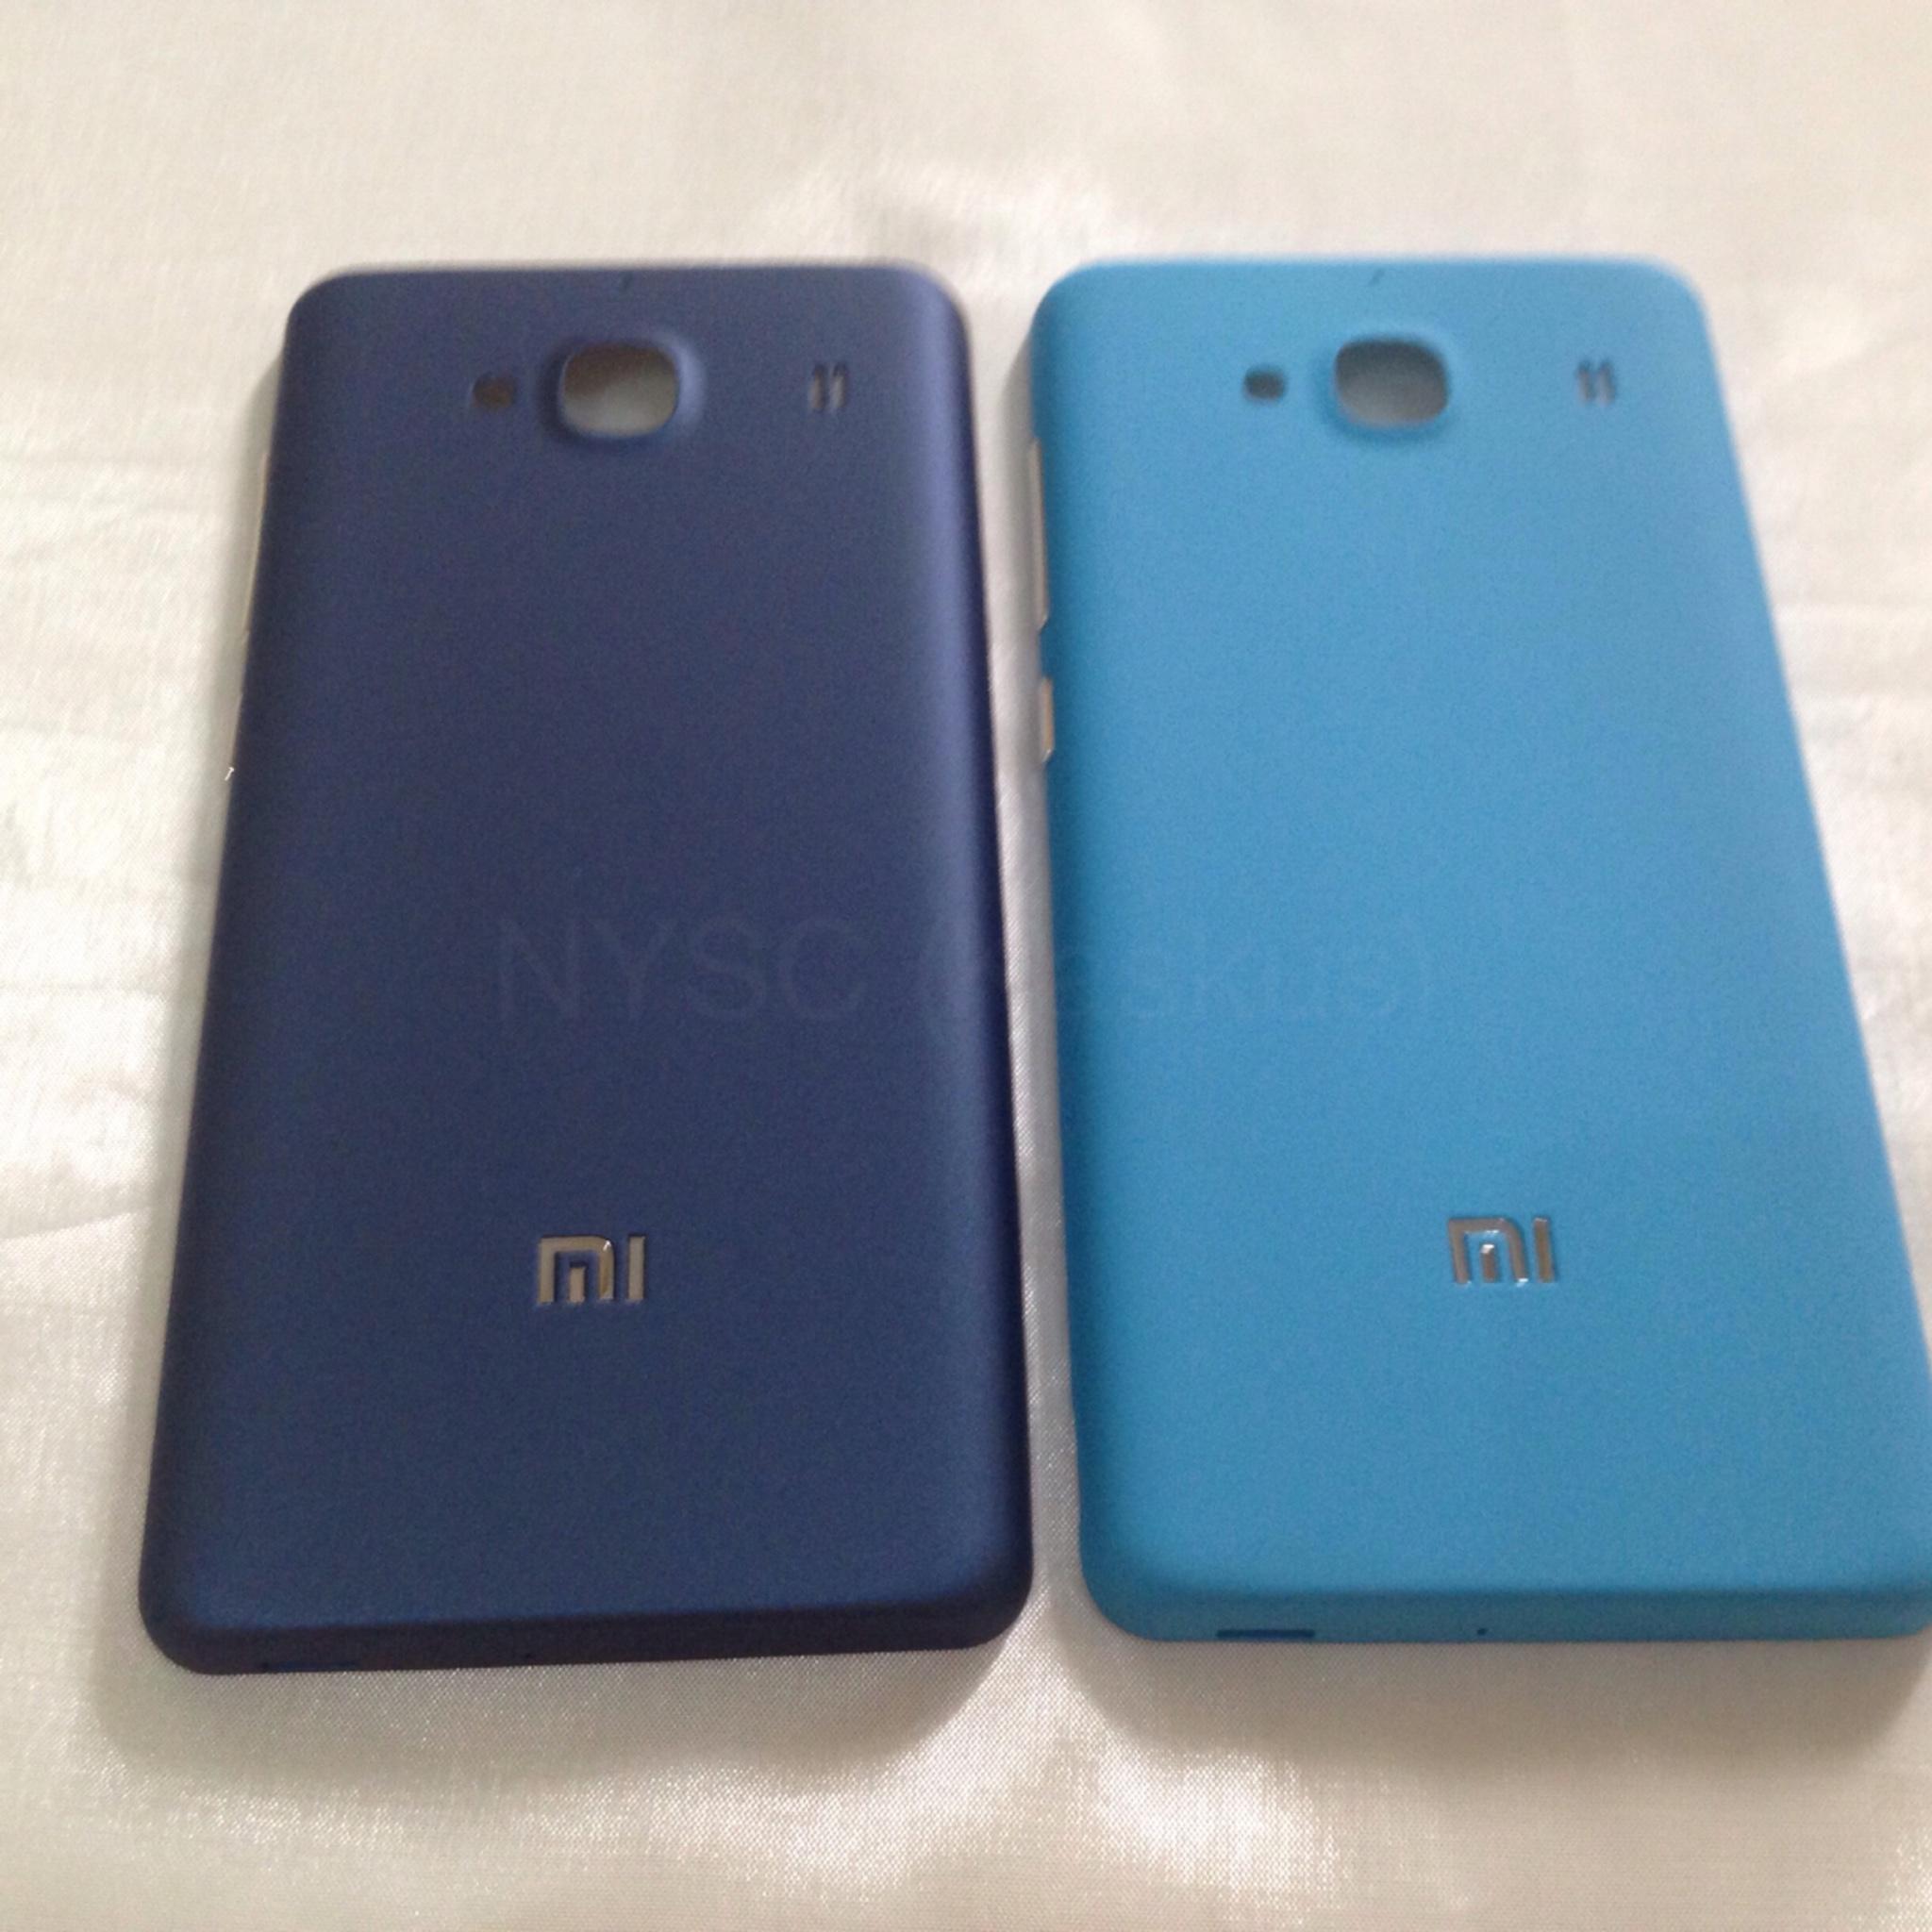 Xiaomi Redmi 2 Cases (Tempered Glass Aluminium/Back Cover/Silicone/Flip/